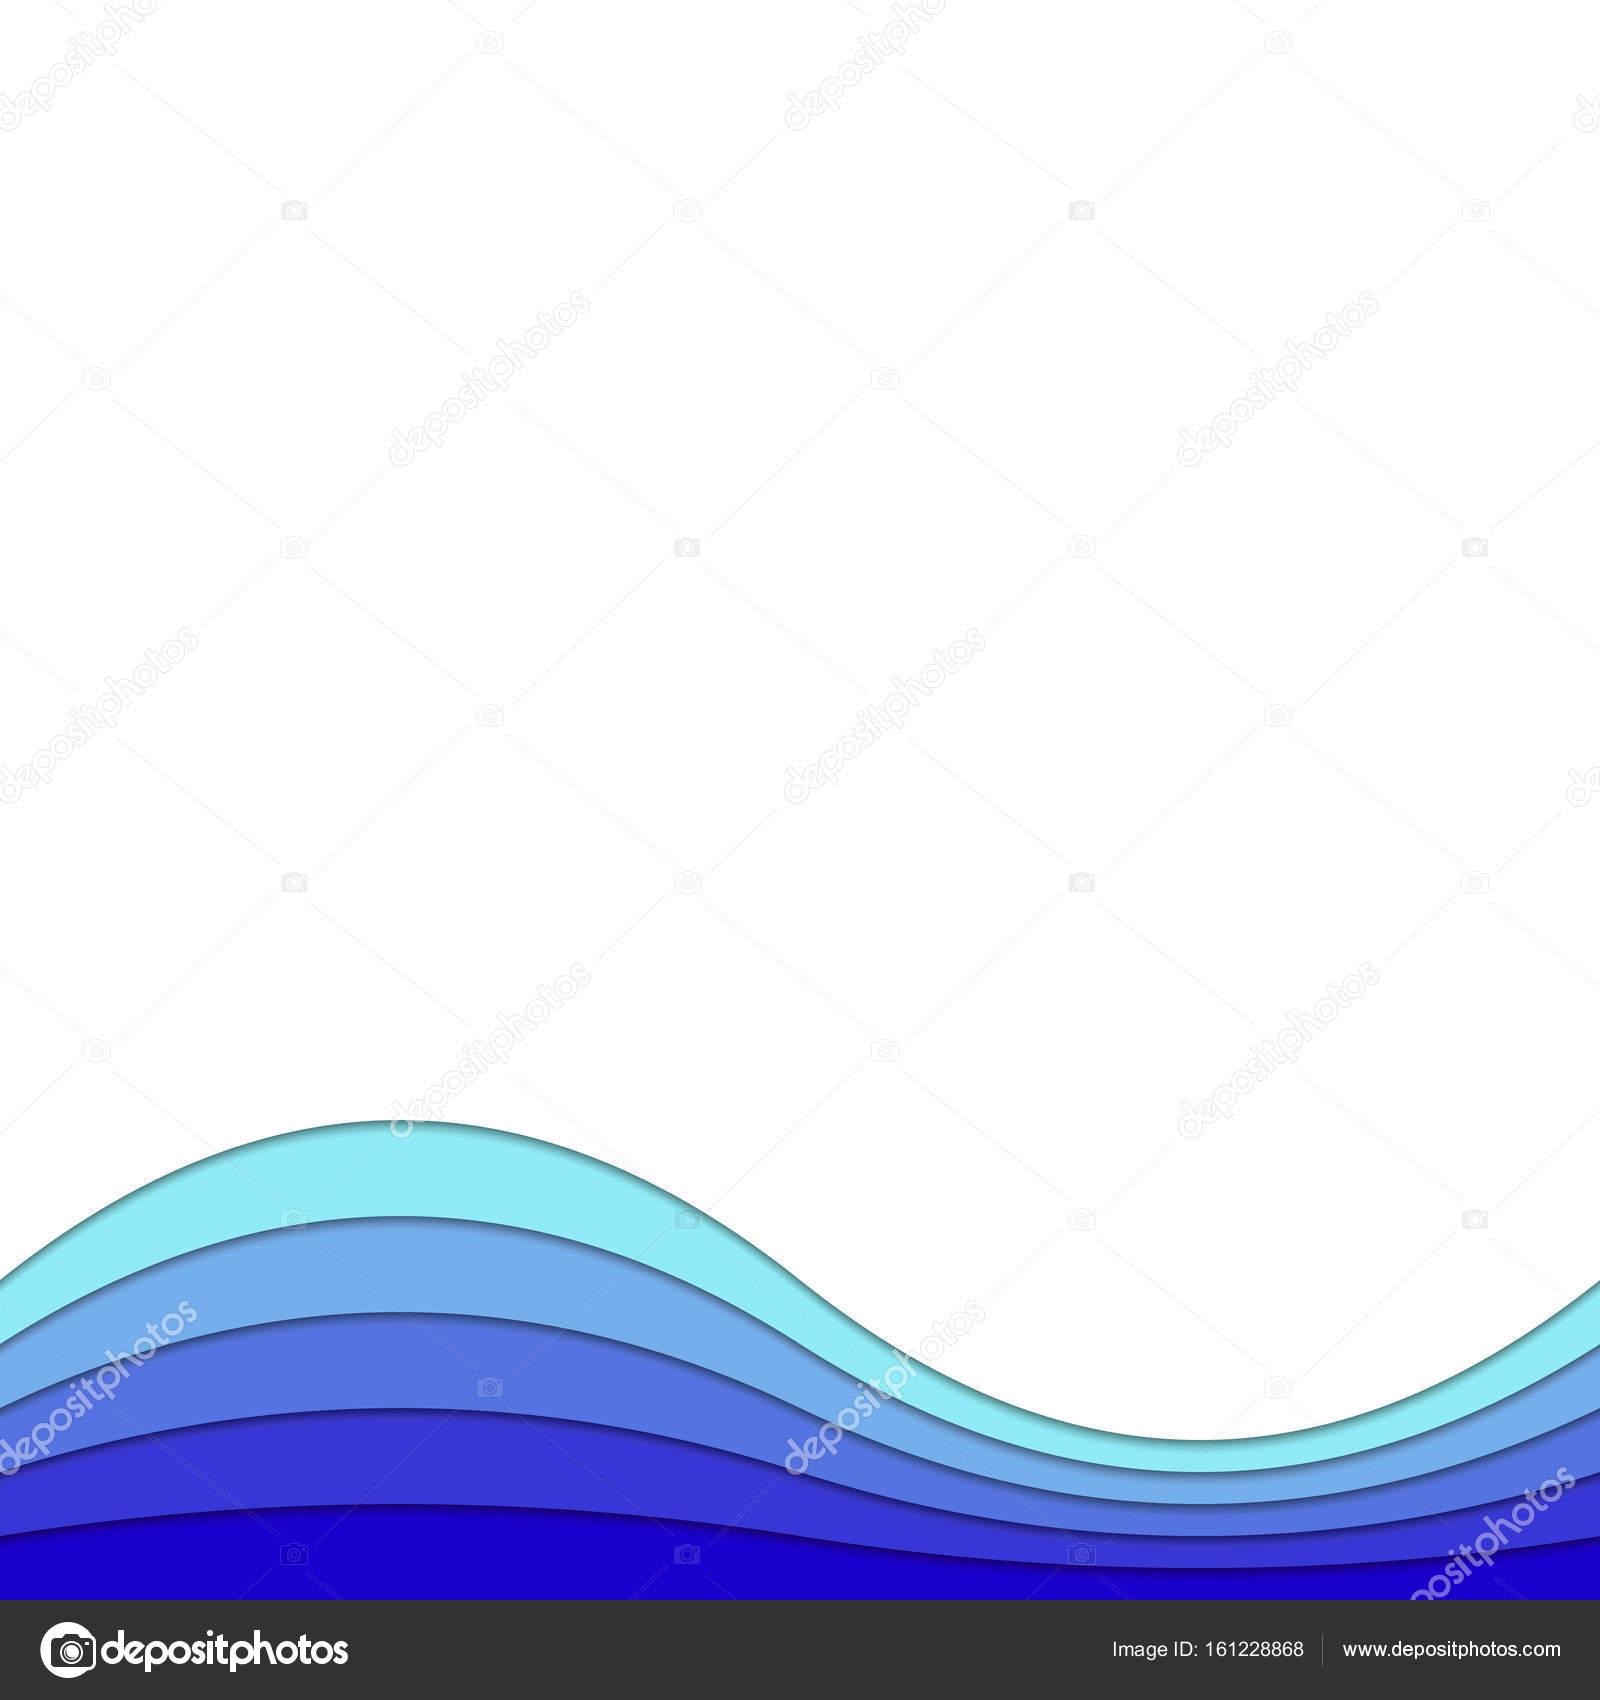 Plantilla de fondo de curvas capas en tonos azules - gráfico de ...